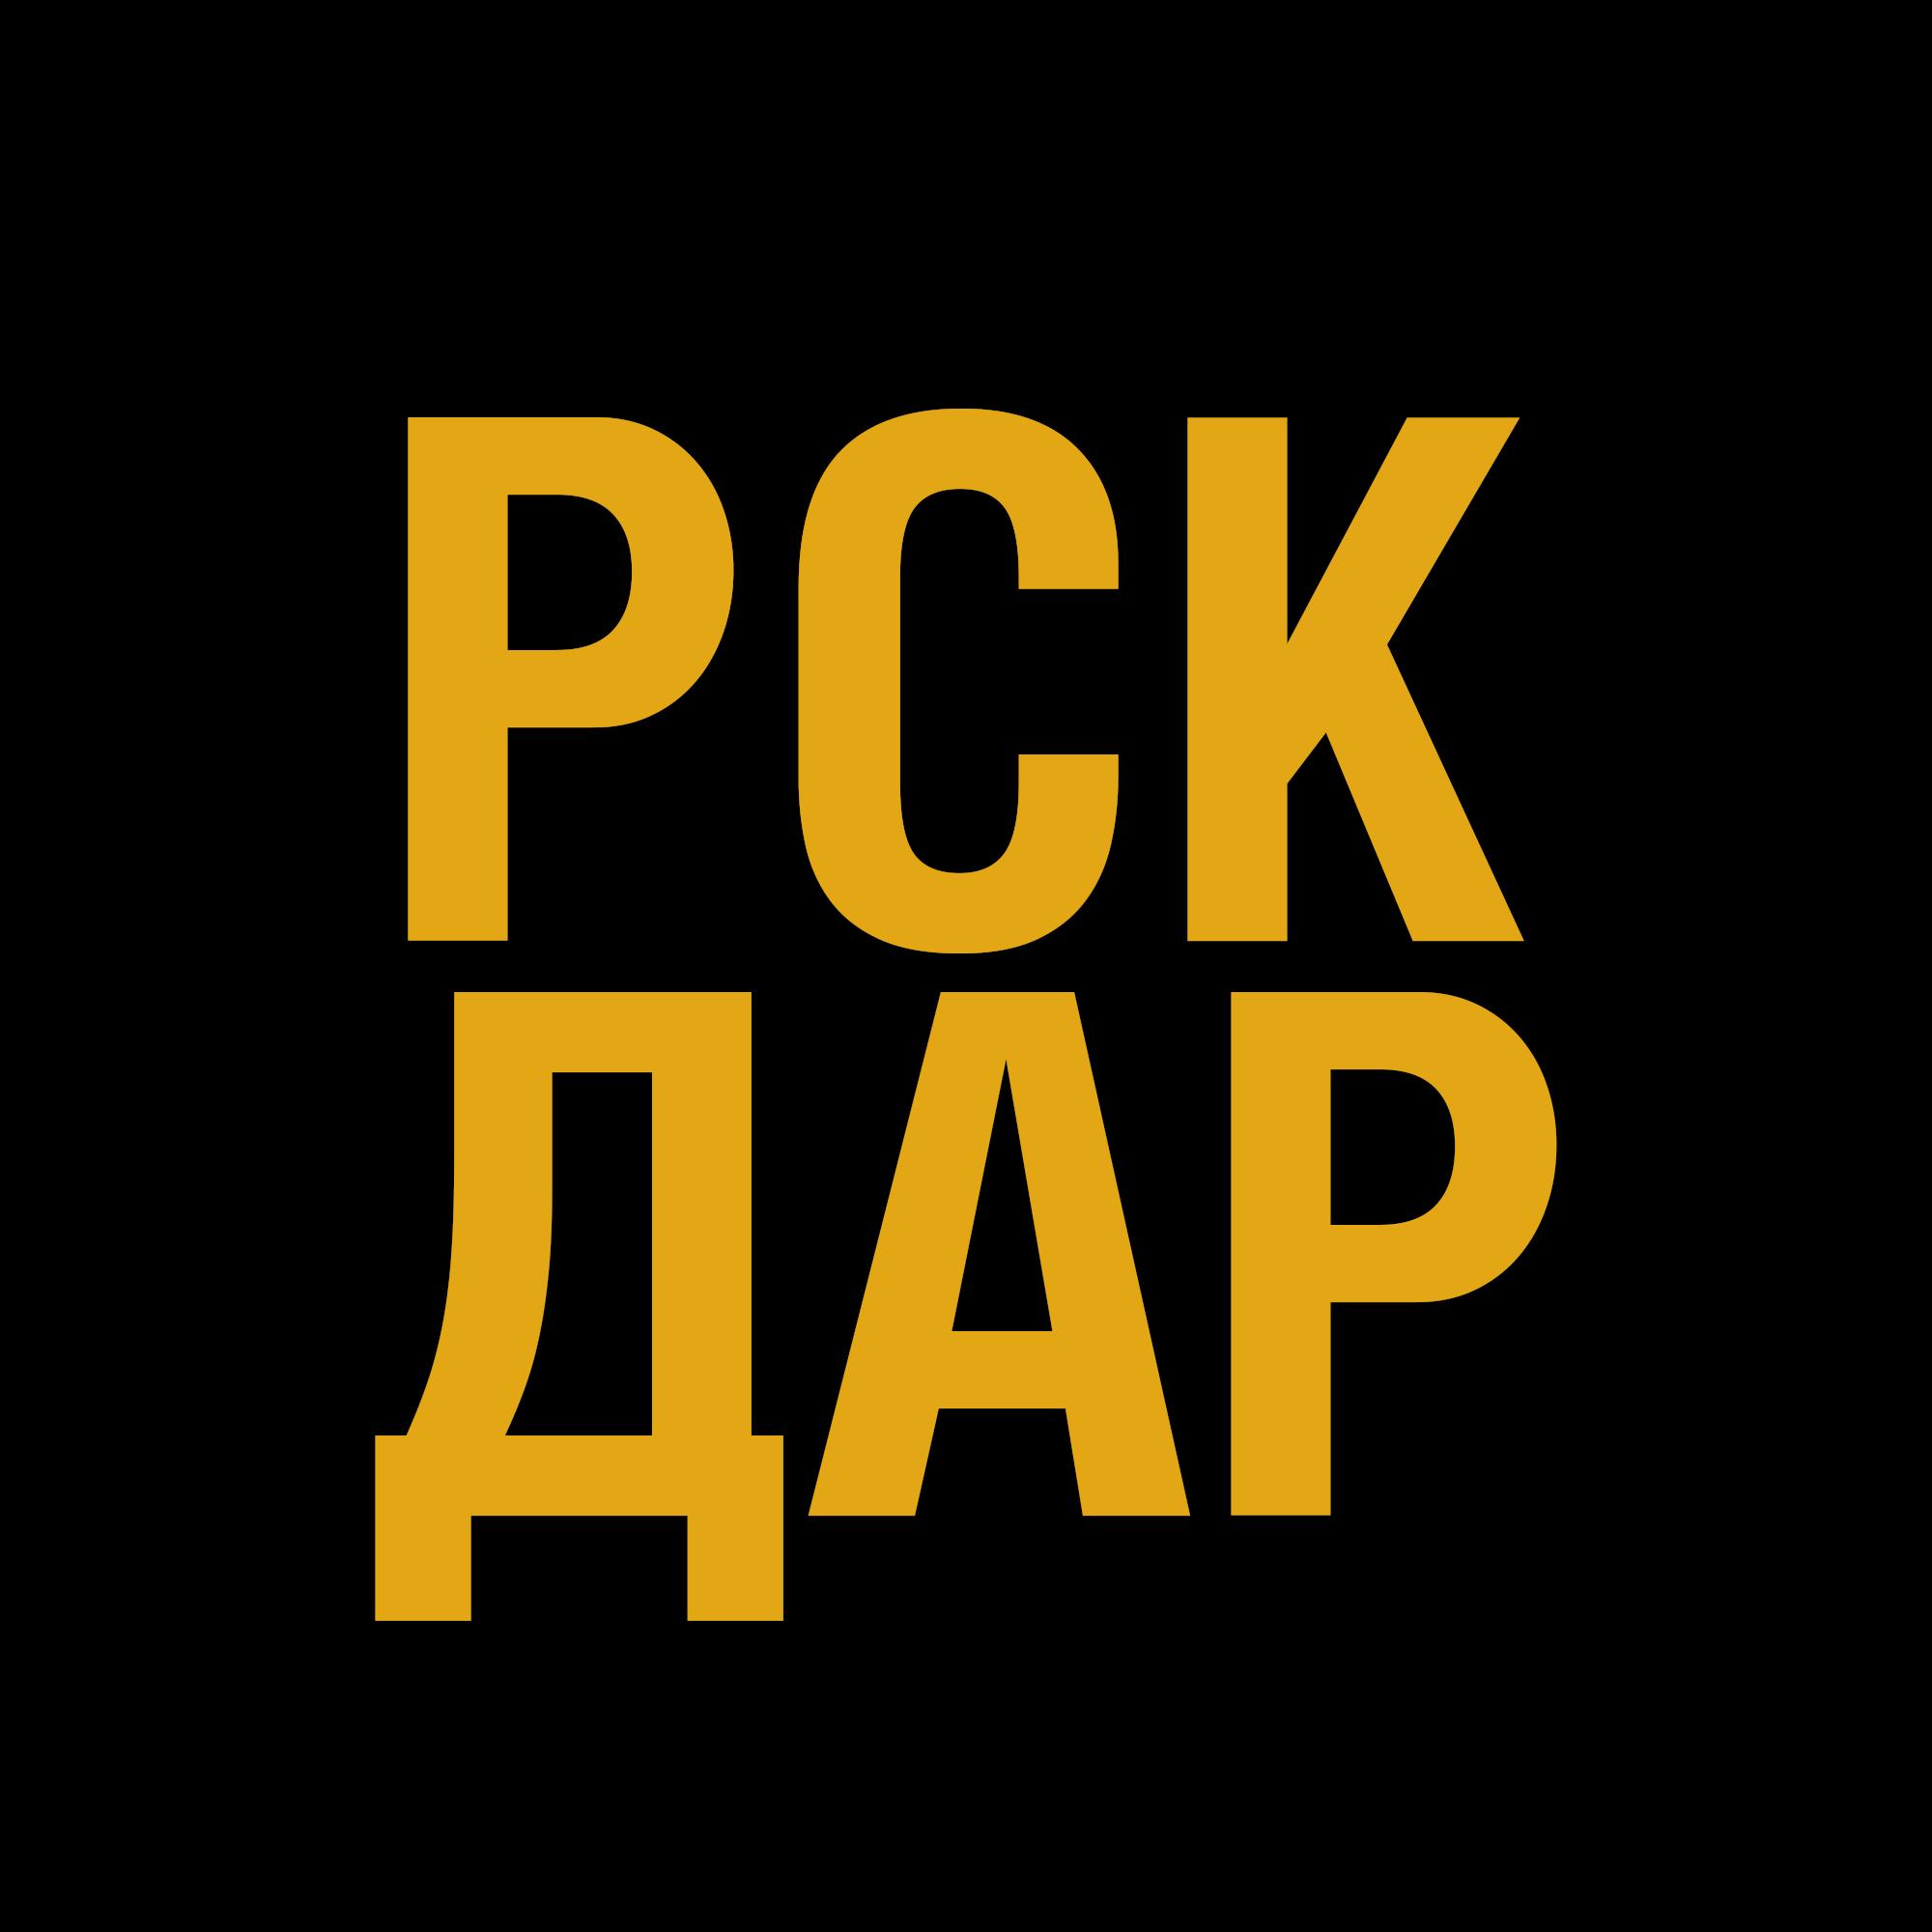 РСК ДАР